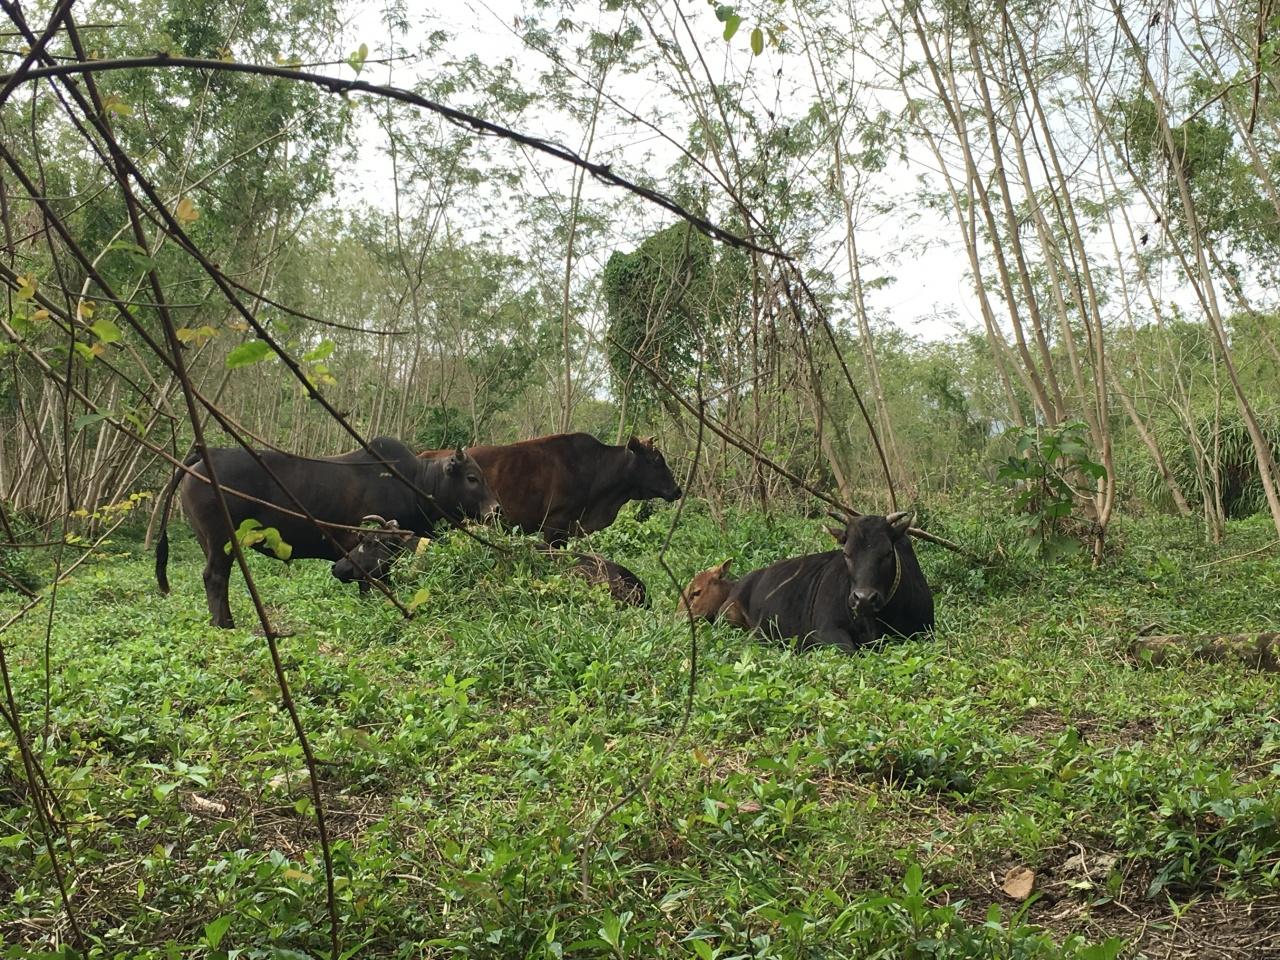 十四鄉一帶的牛群,會行過幾條村覓食和散步休息,不少村民都當牠們是街坊。(吳韻菁攝)